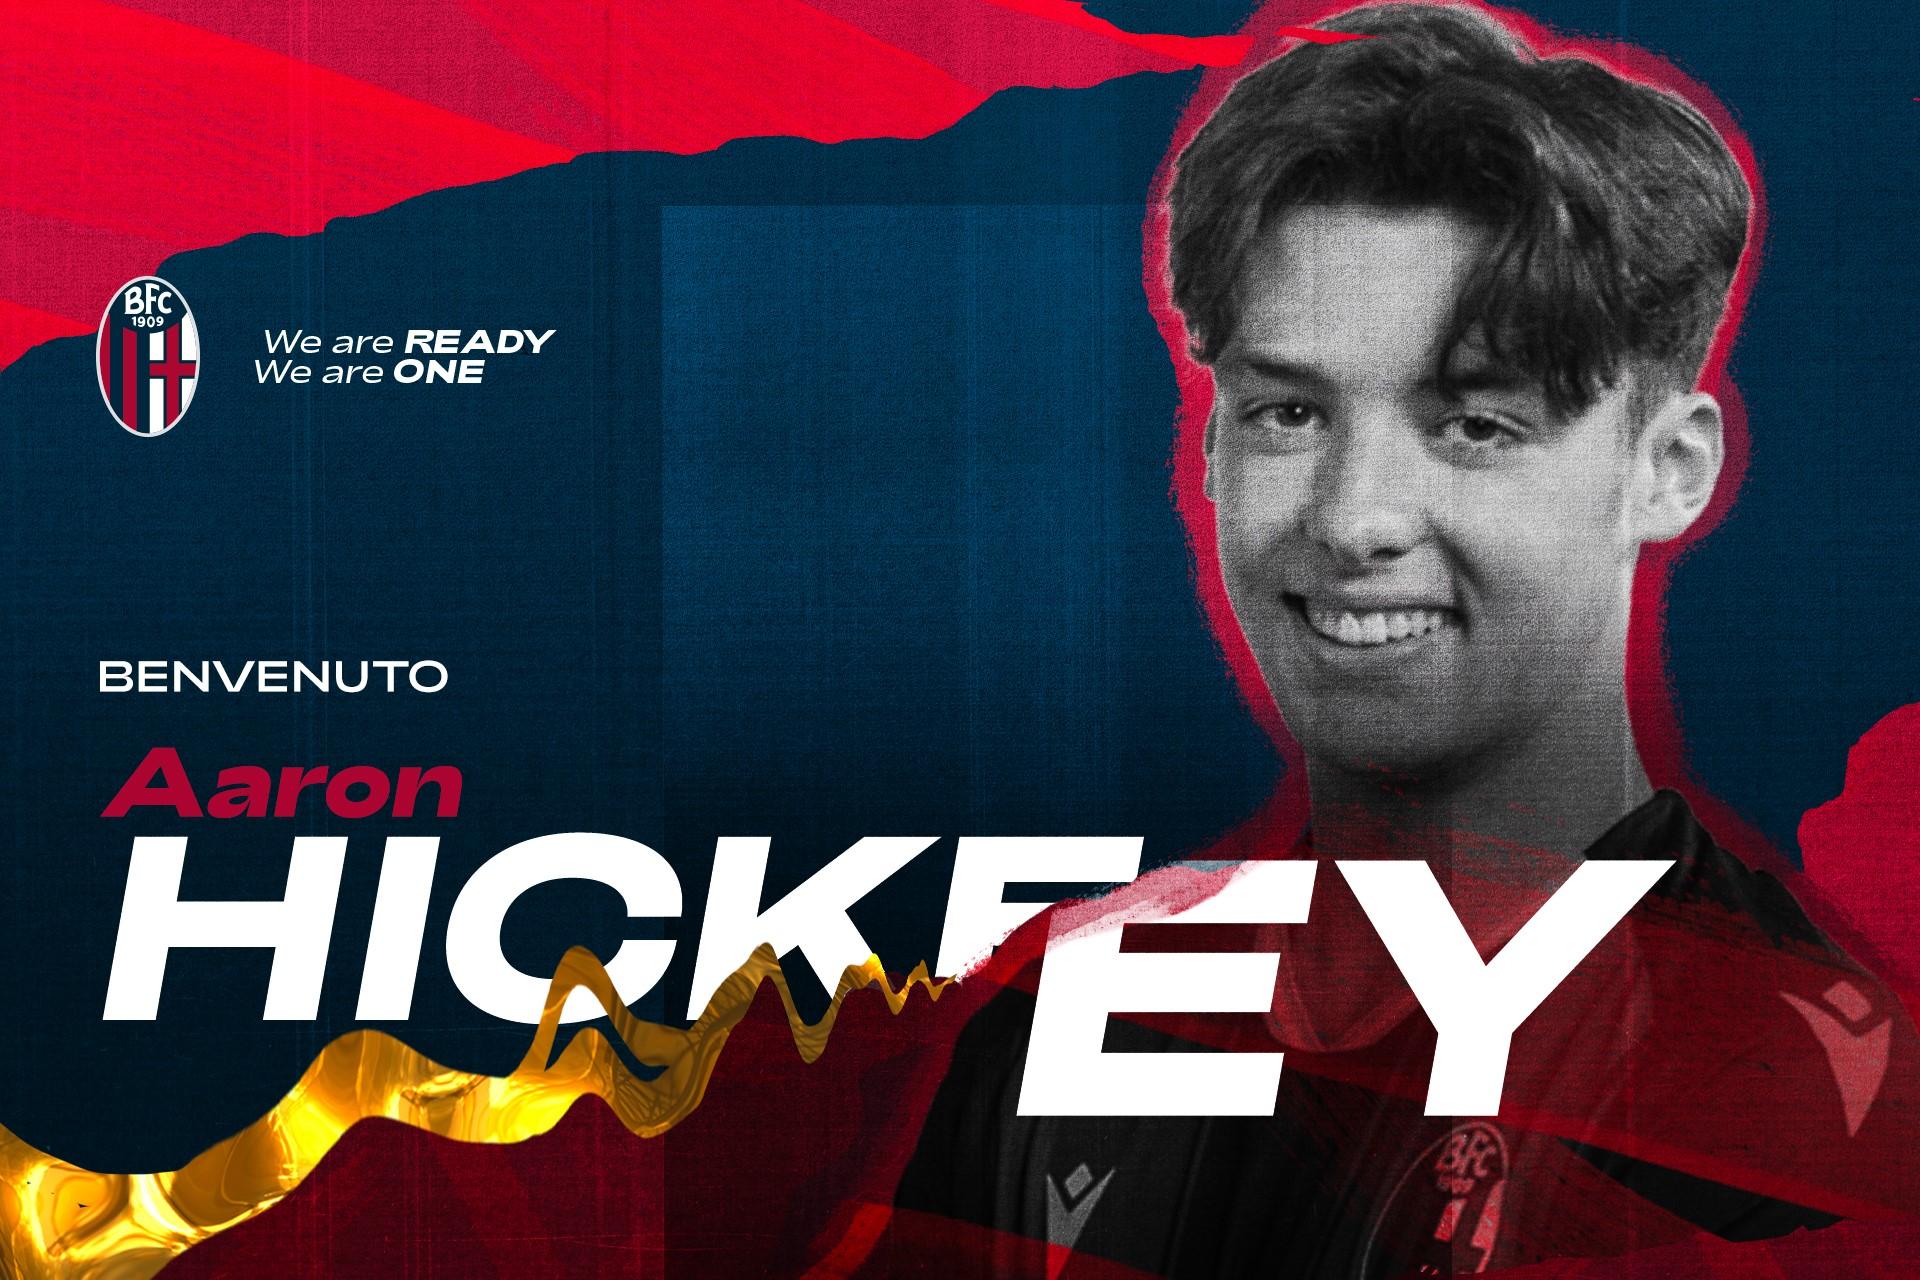 UFFICIALE – C'è l'annuncio del Bologna per Hickey: cosa fare al fantacalcio